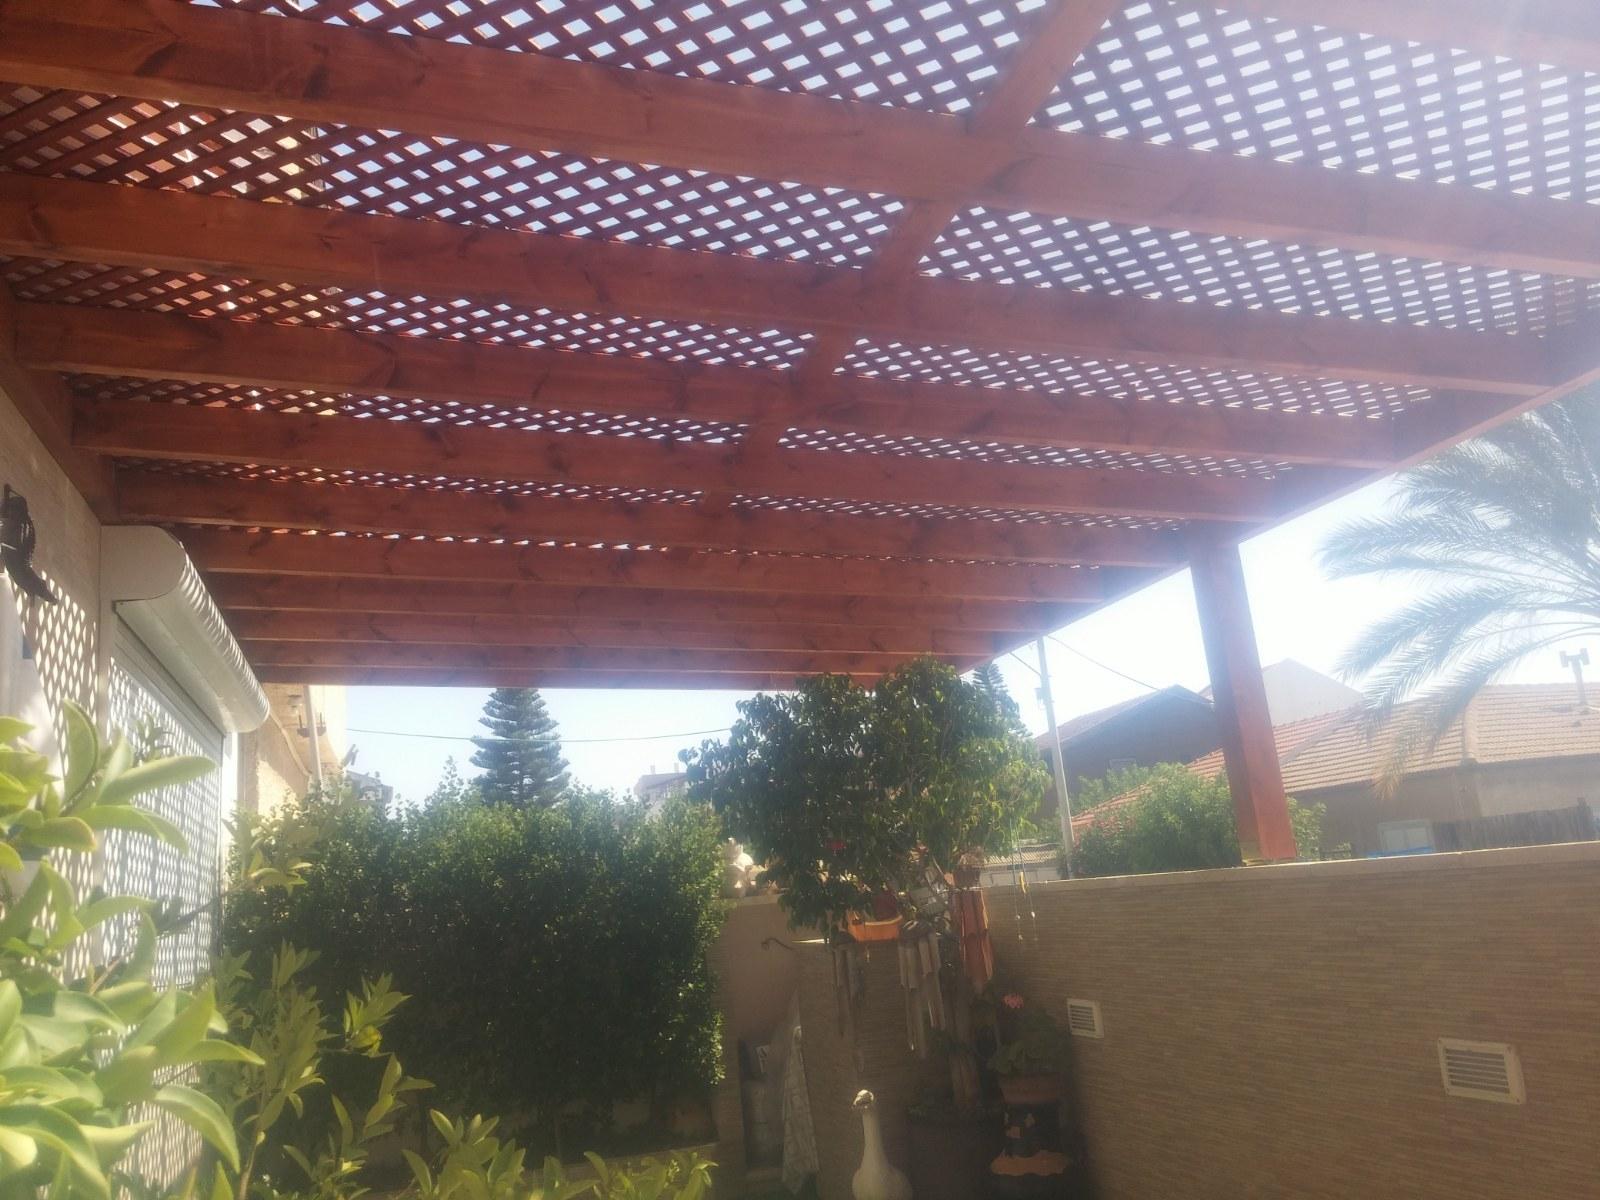 פרגולה עם רשתות עץ להצללה